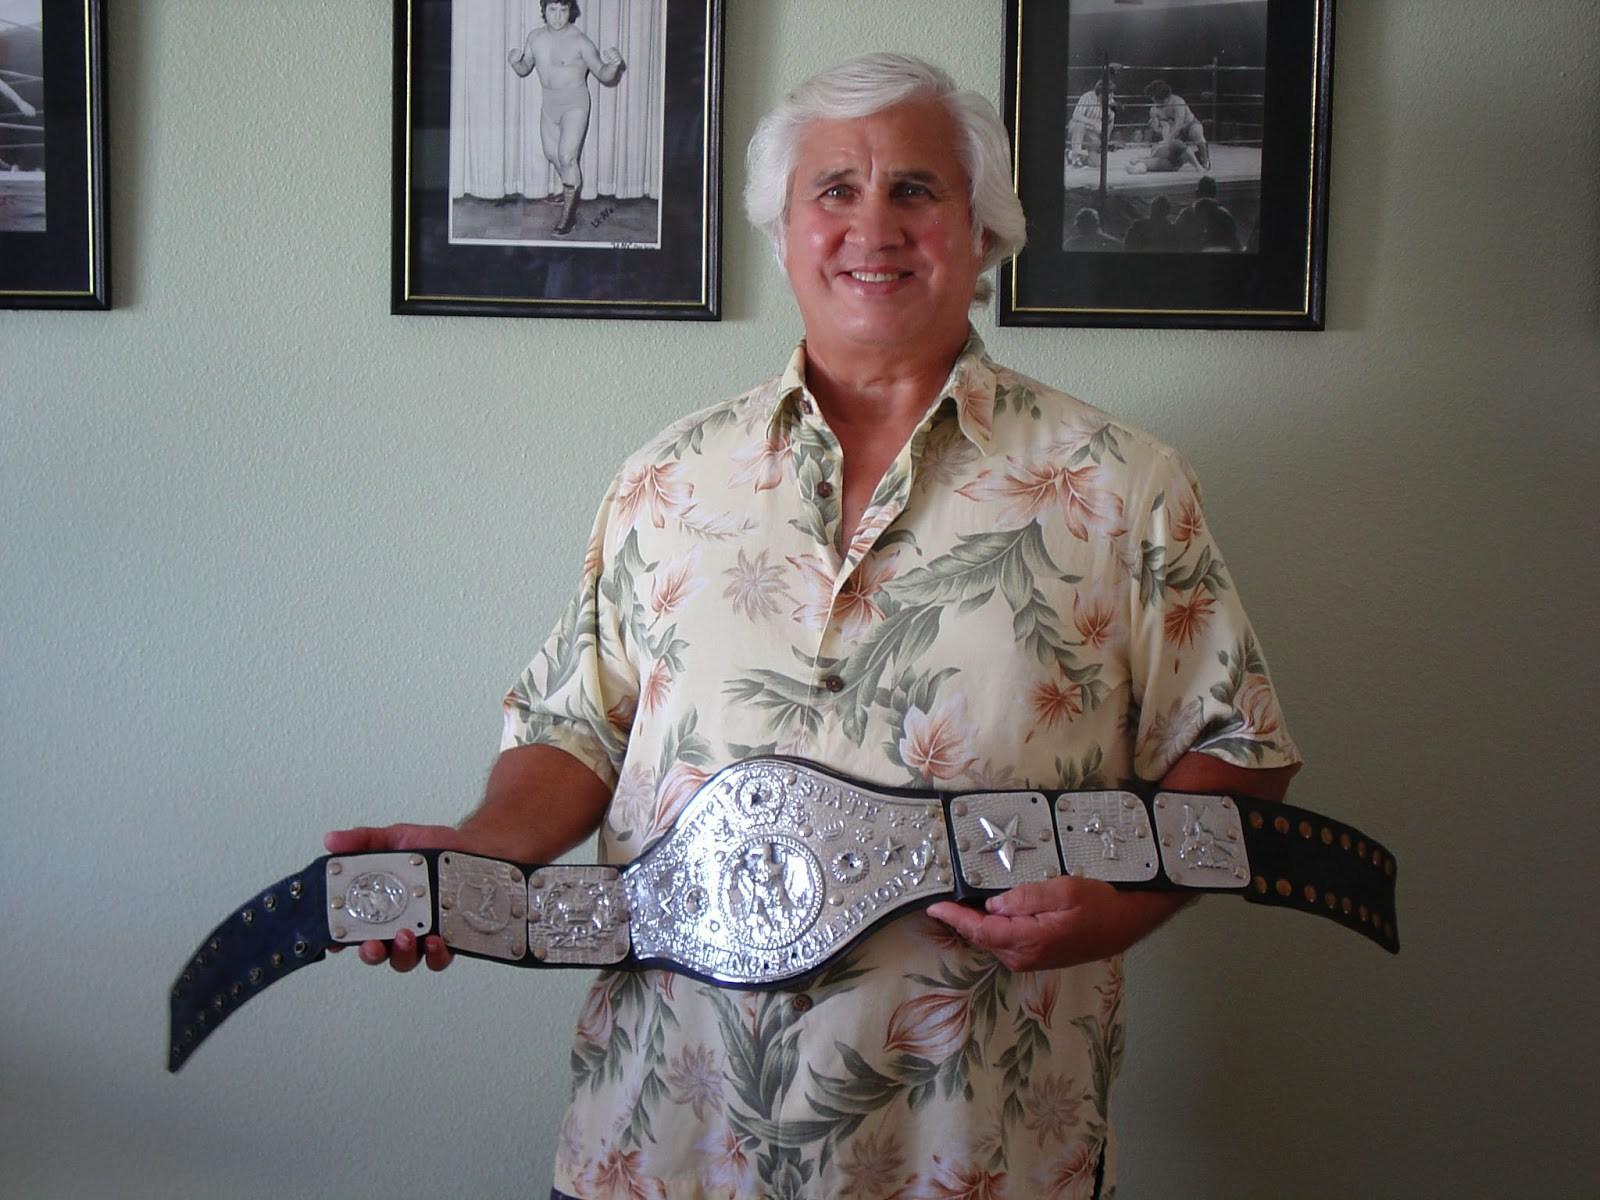 Don Anderson with wrestling memorabilia 1